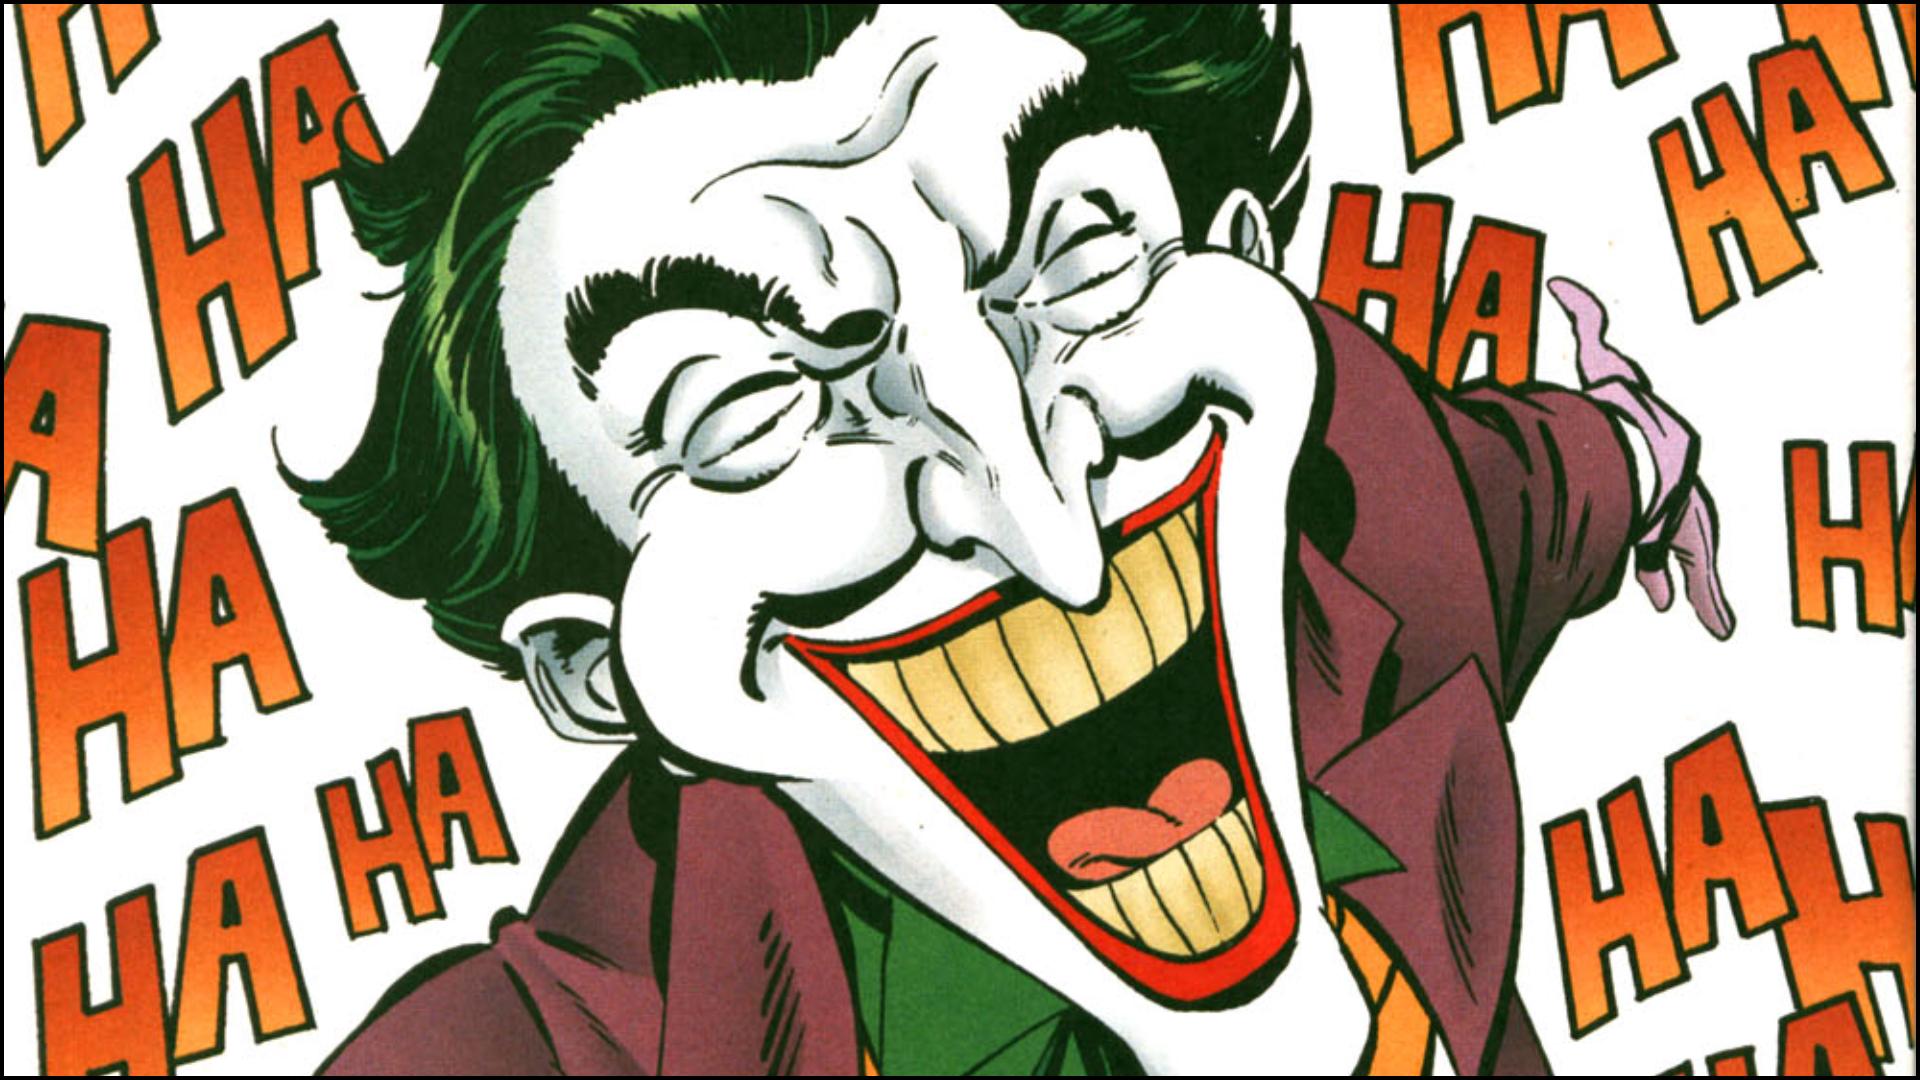 Joker full hd fondo de pantalla and fondo de escritorio for Immagini joker hd